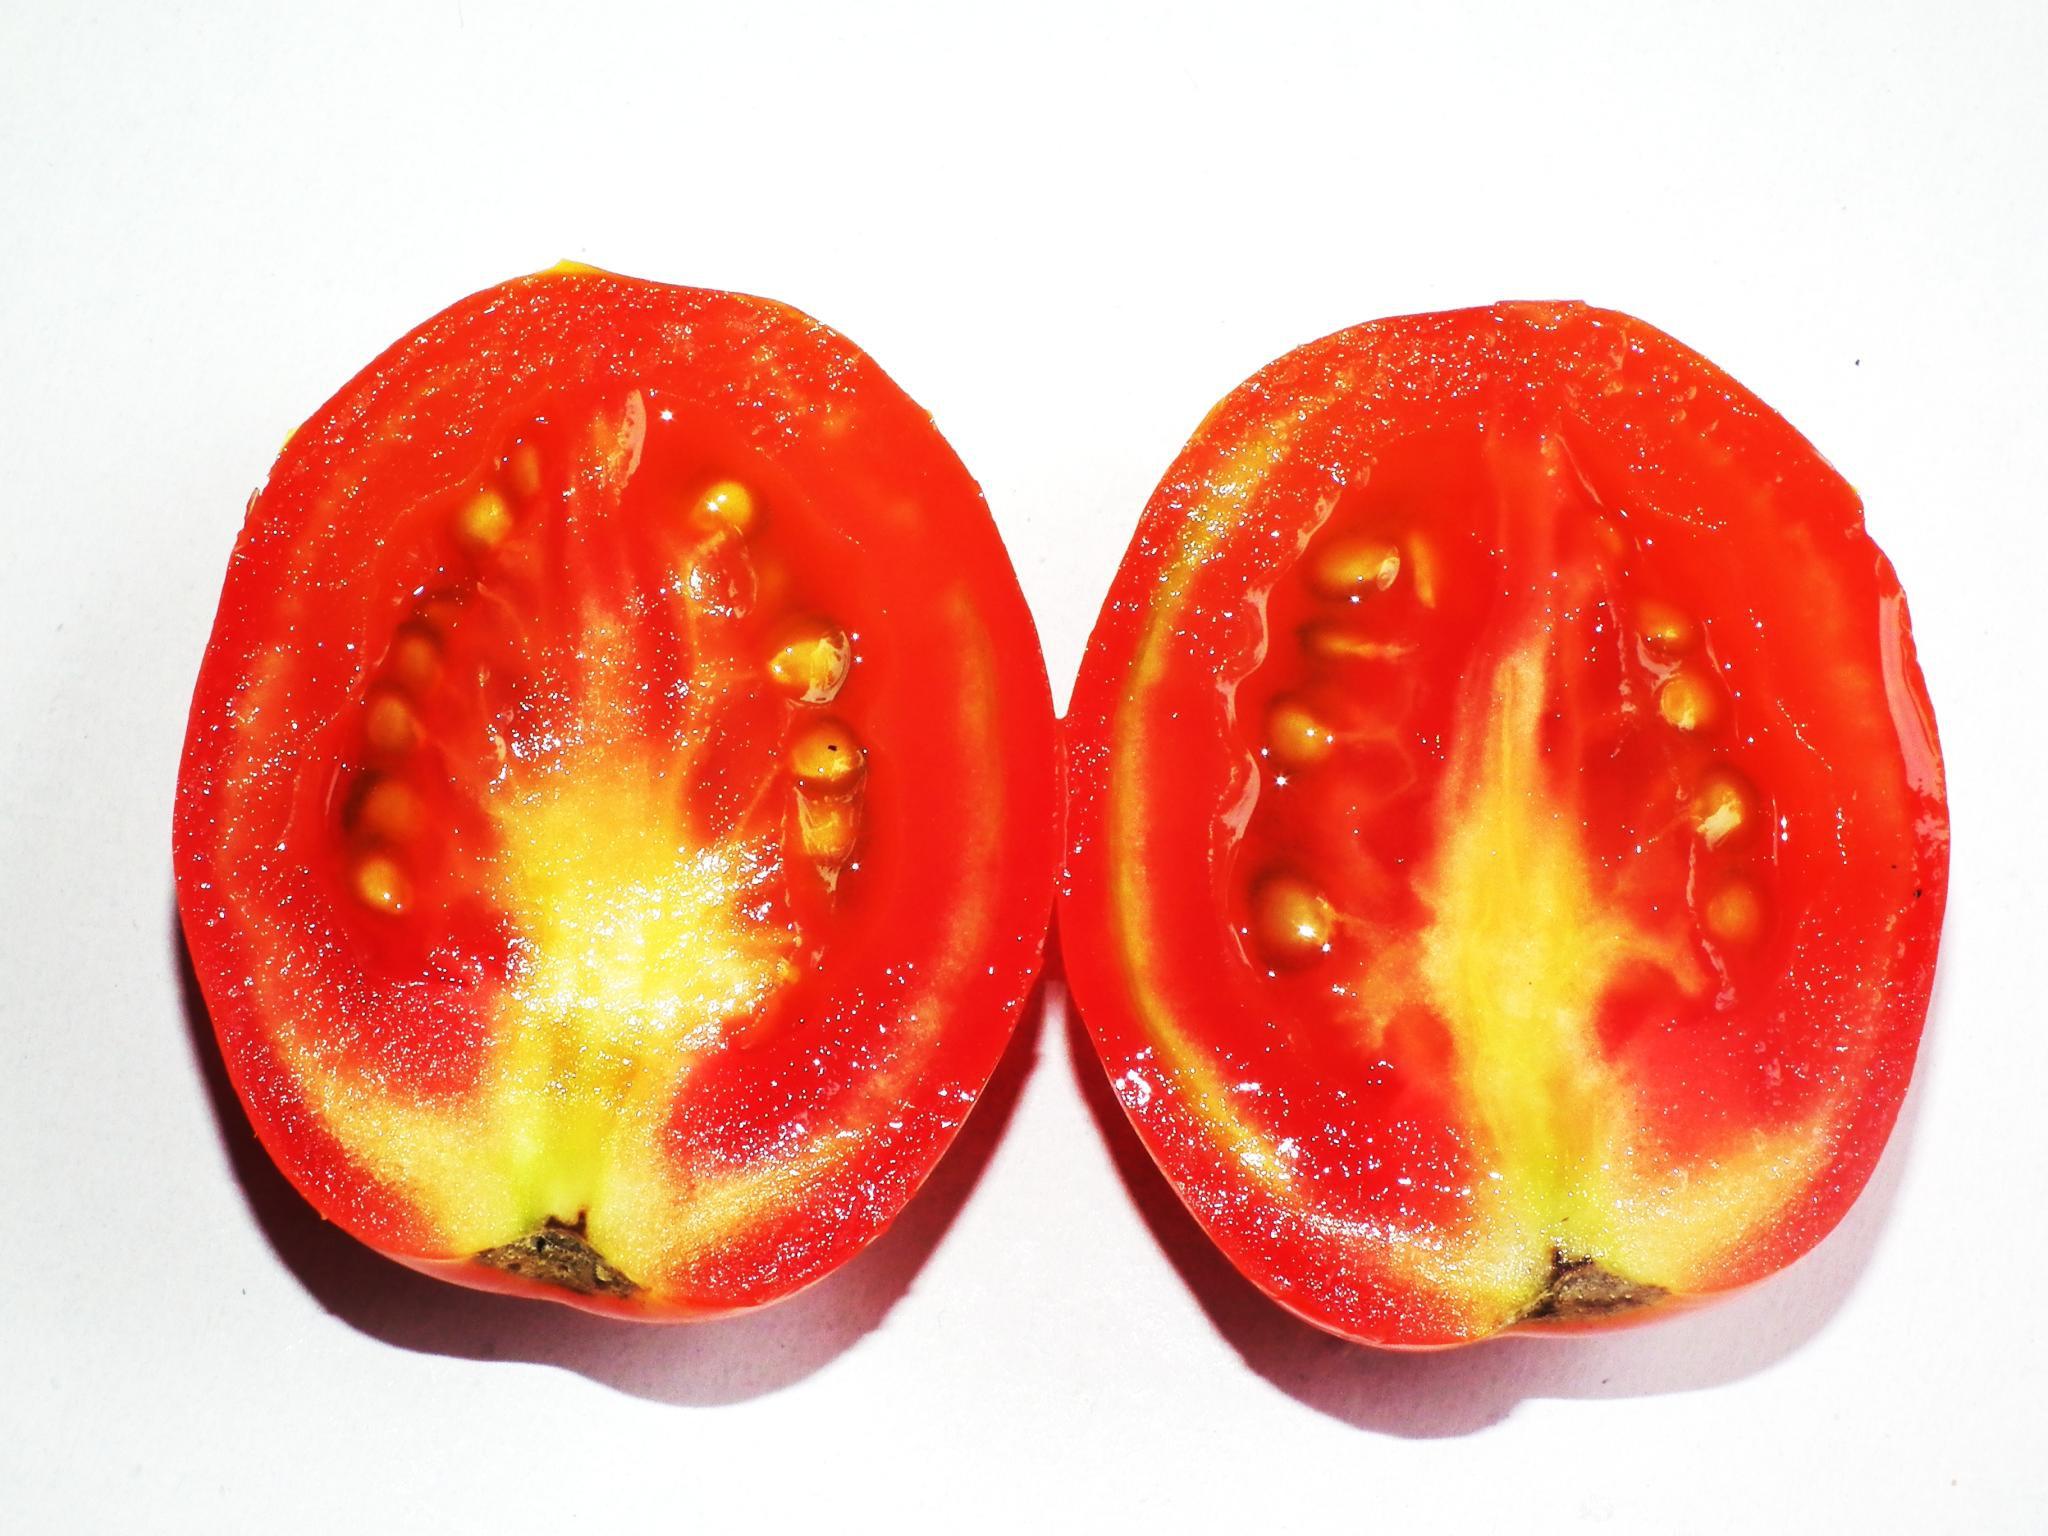 Tomato Wallpaper For Windows